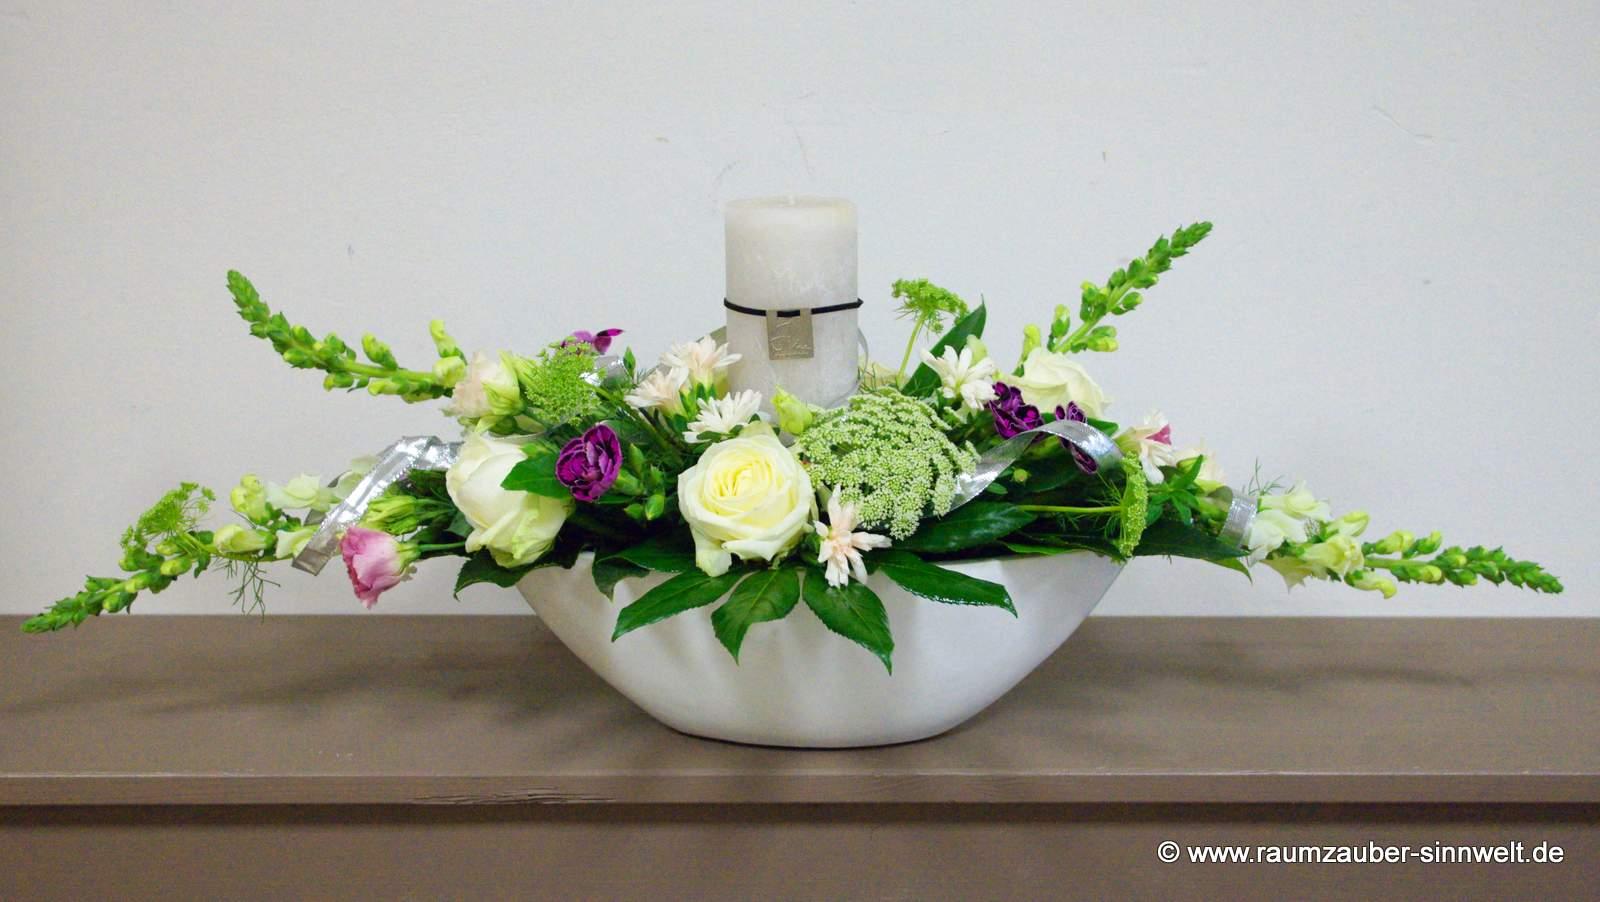 Blumengesteck mit Rosen, Löwenmaul und Kerze